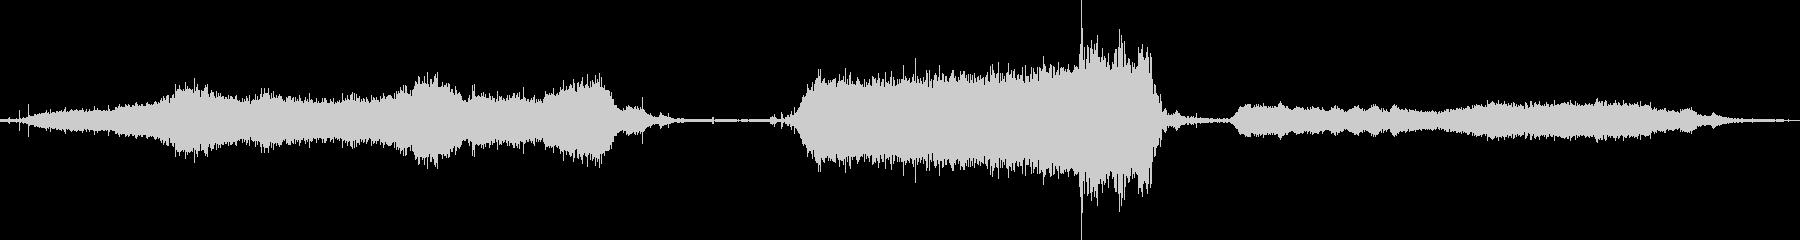 モータードライヤードライヤーの未再生の波形